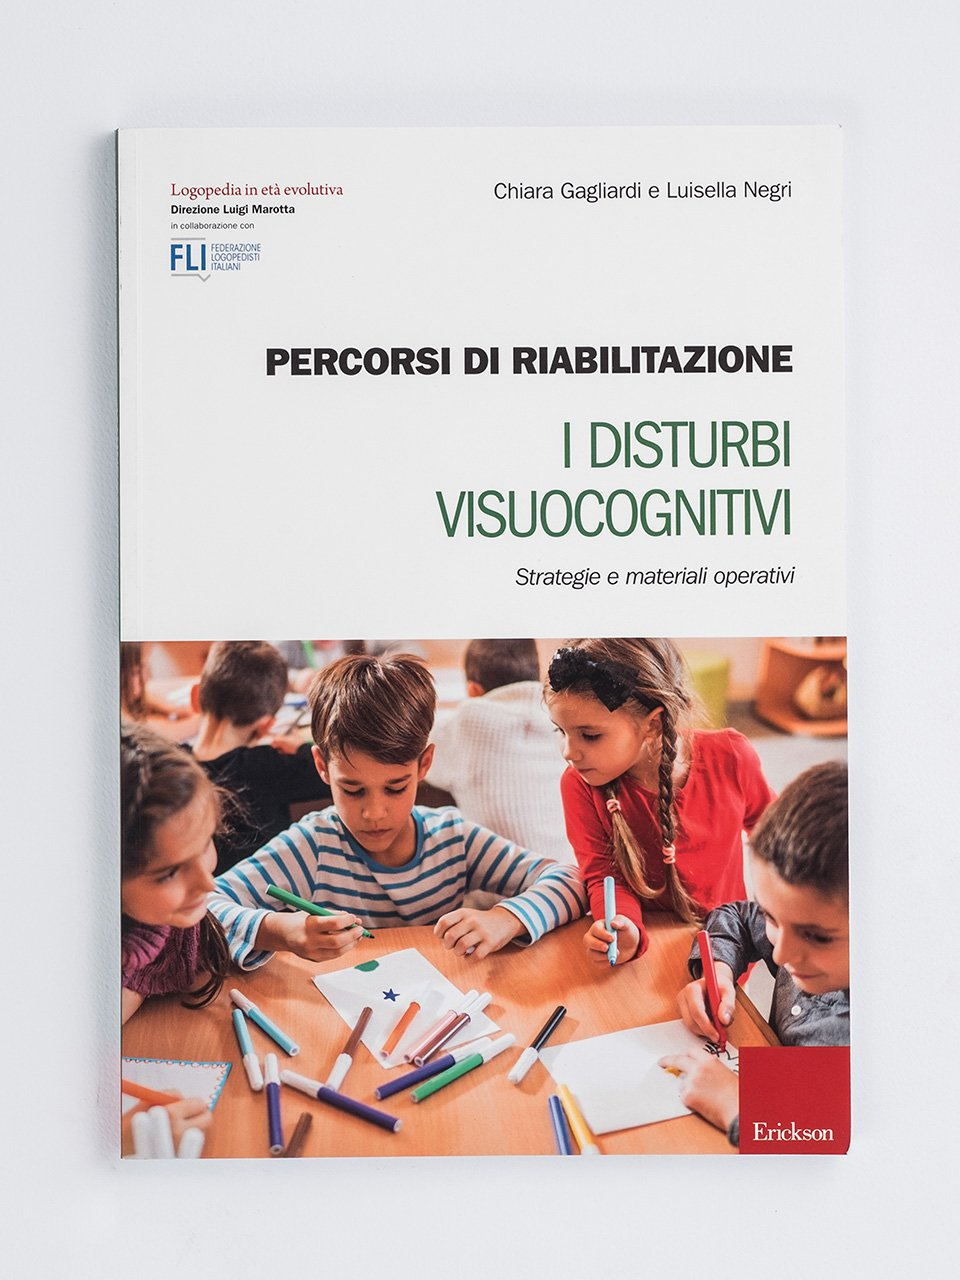 Percorsi di riabilitazione - I disturbi visuocognitivi - ICF-CY - Libri - Erickson